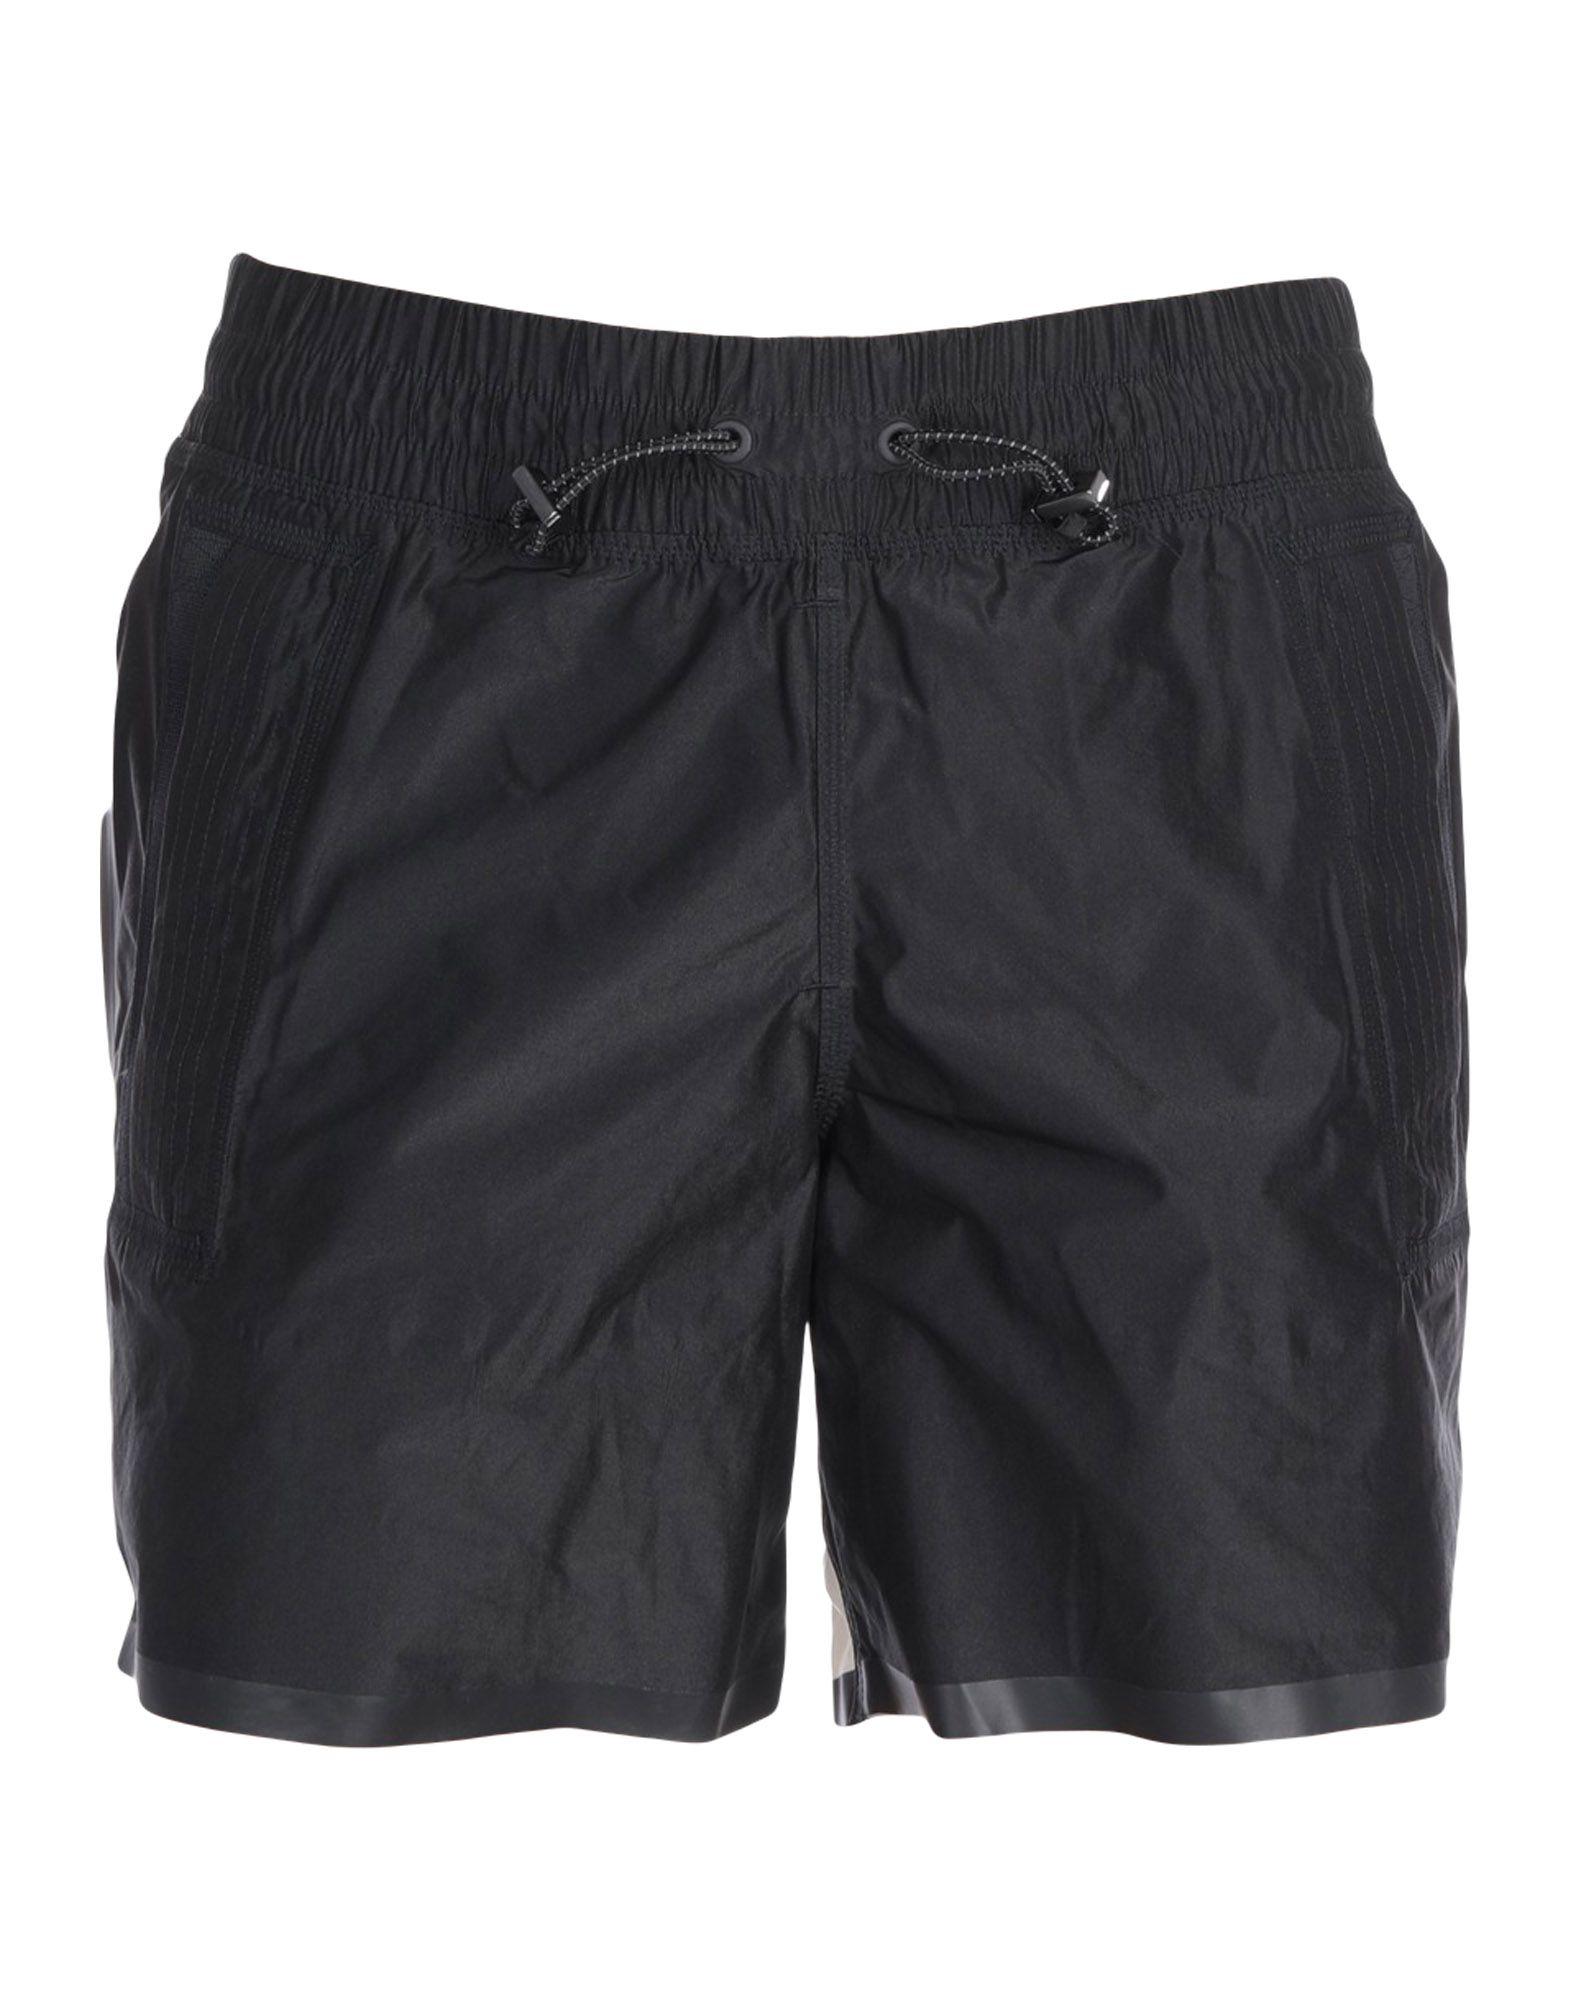 Фото - ADIDAS Шорты для плавания adidas шорты мужские adidas 3 stripes 9 inch размер 44 46